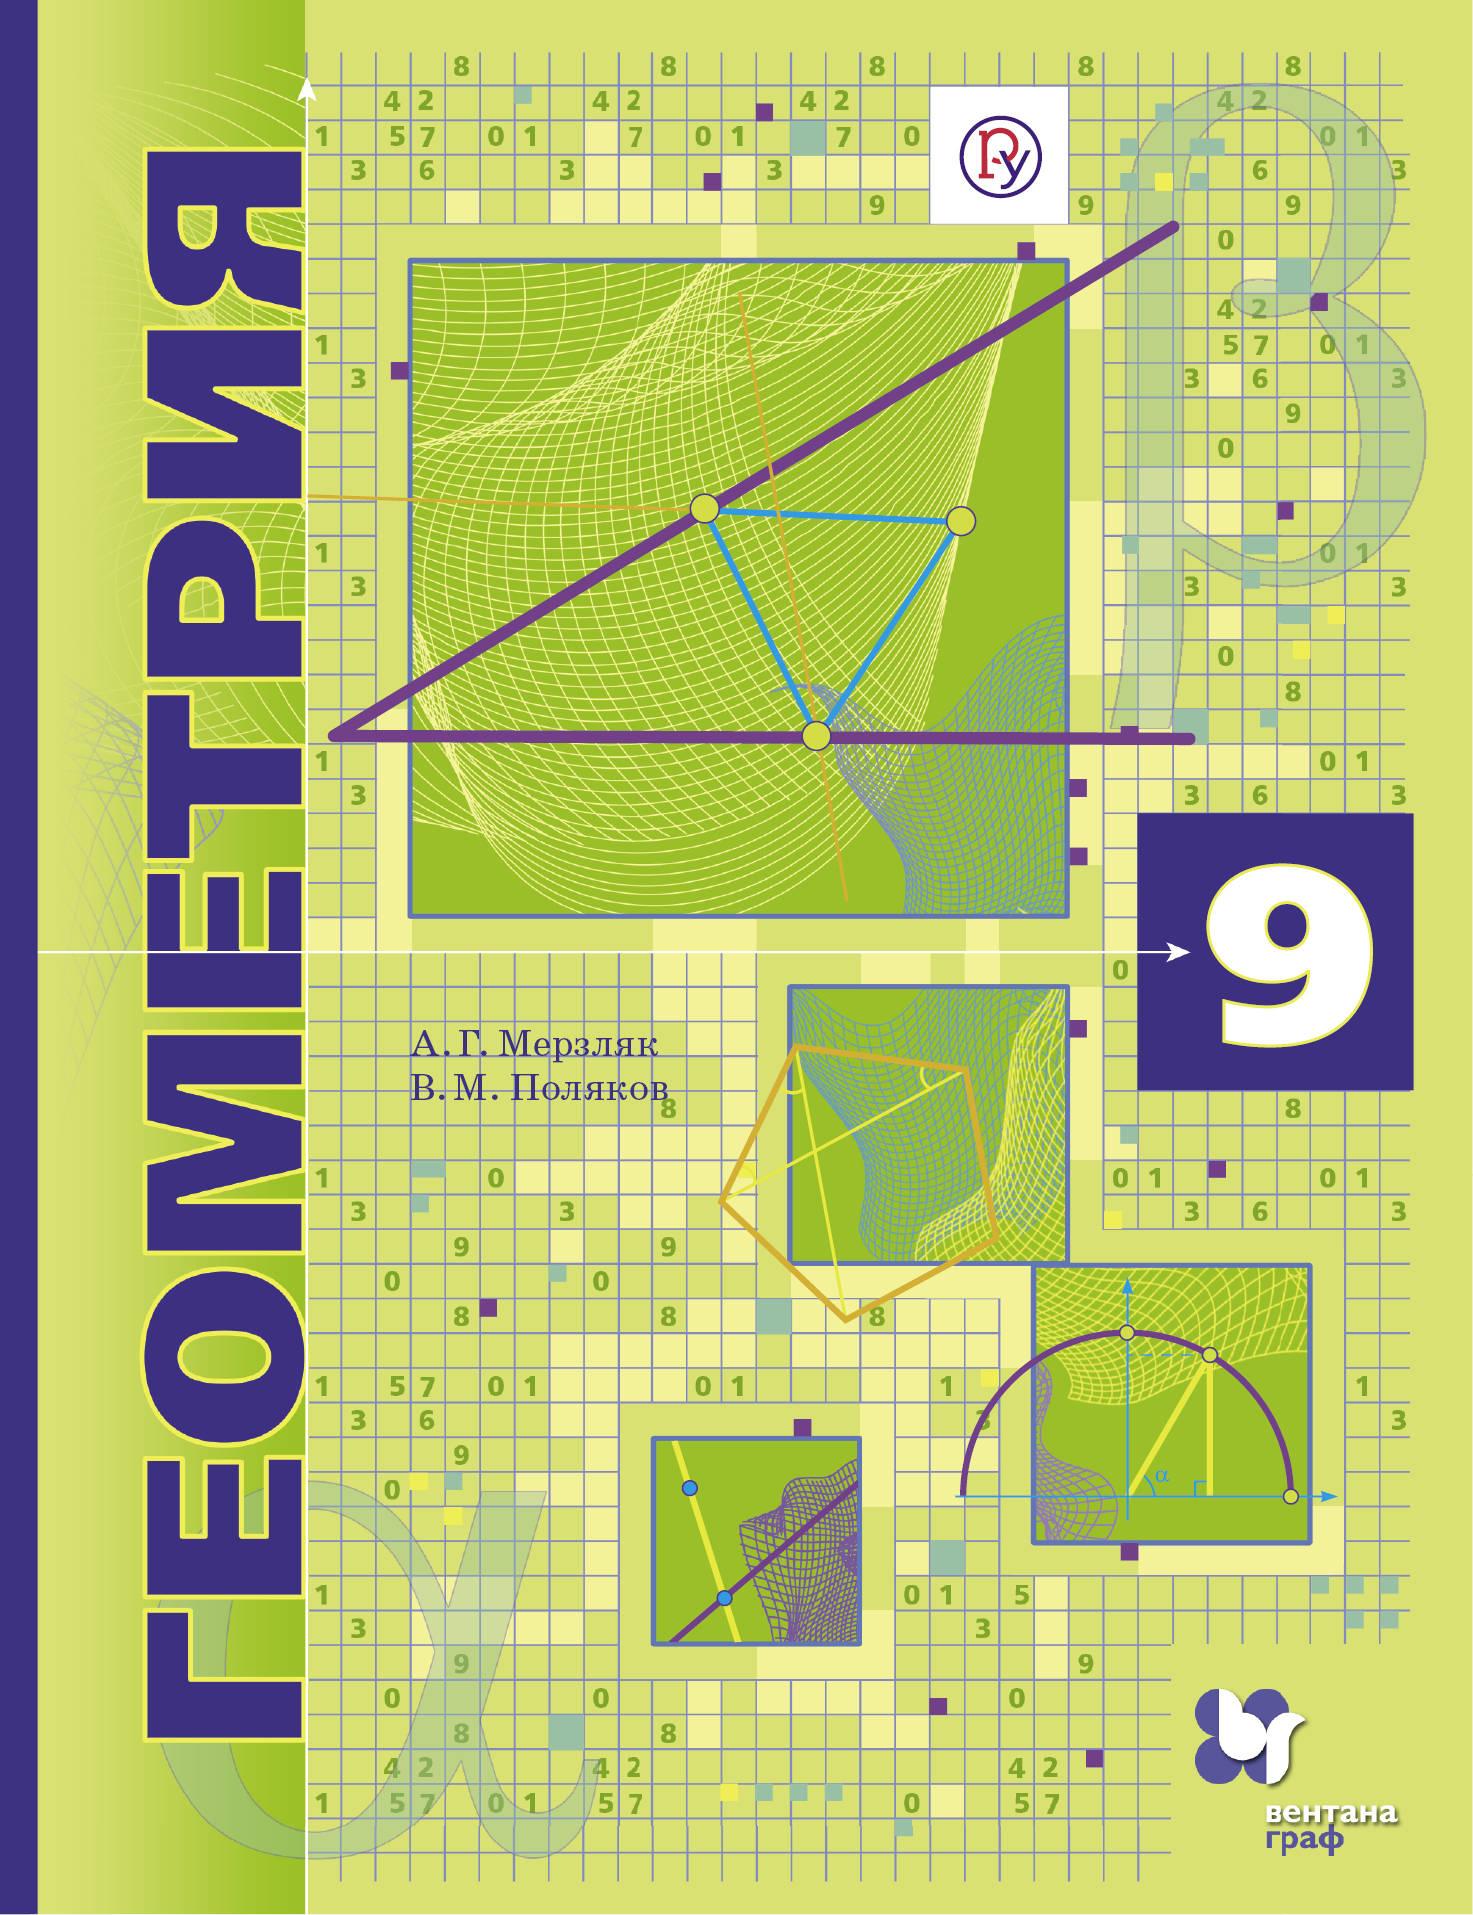 Мерзляк, Геометрия, 9 кл, Учебник, Углубленное Изучение (Фгос) поляков